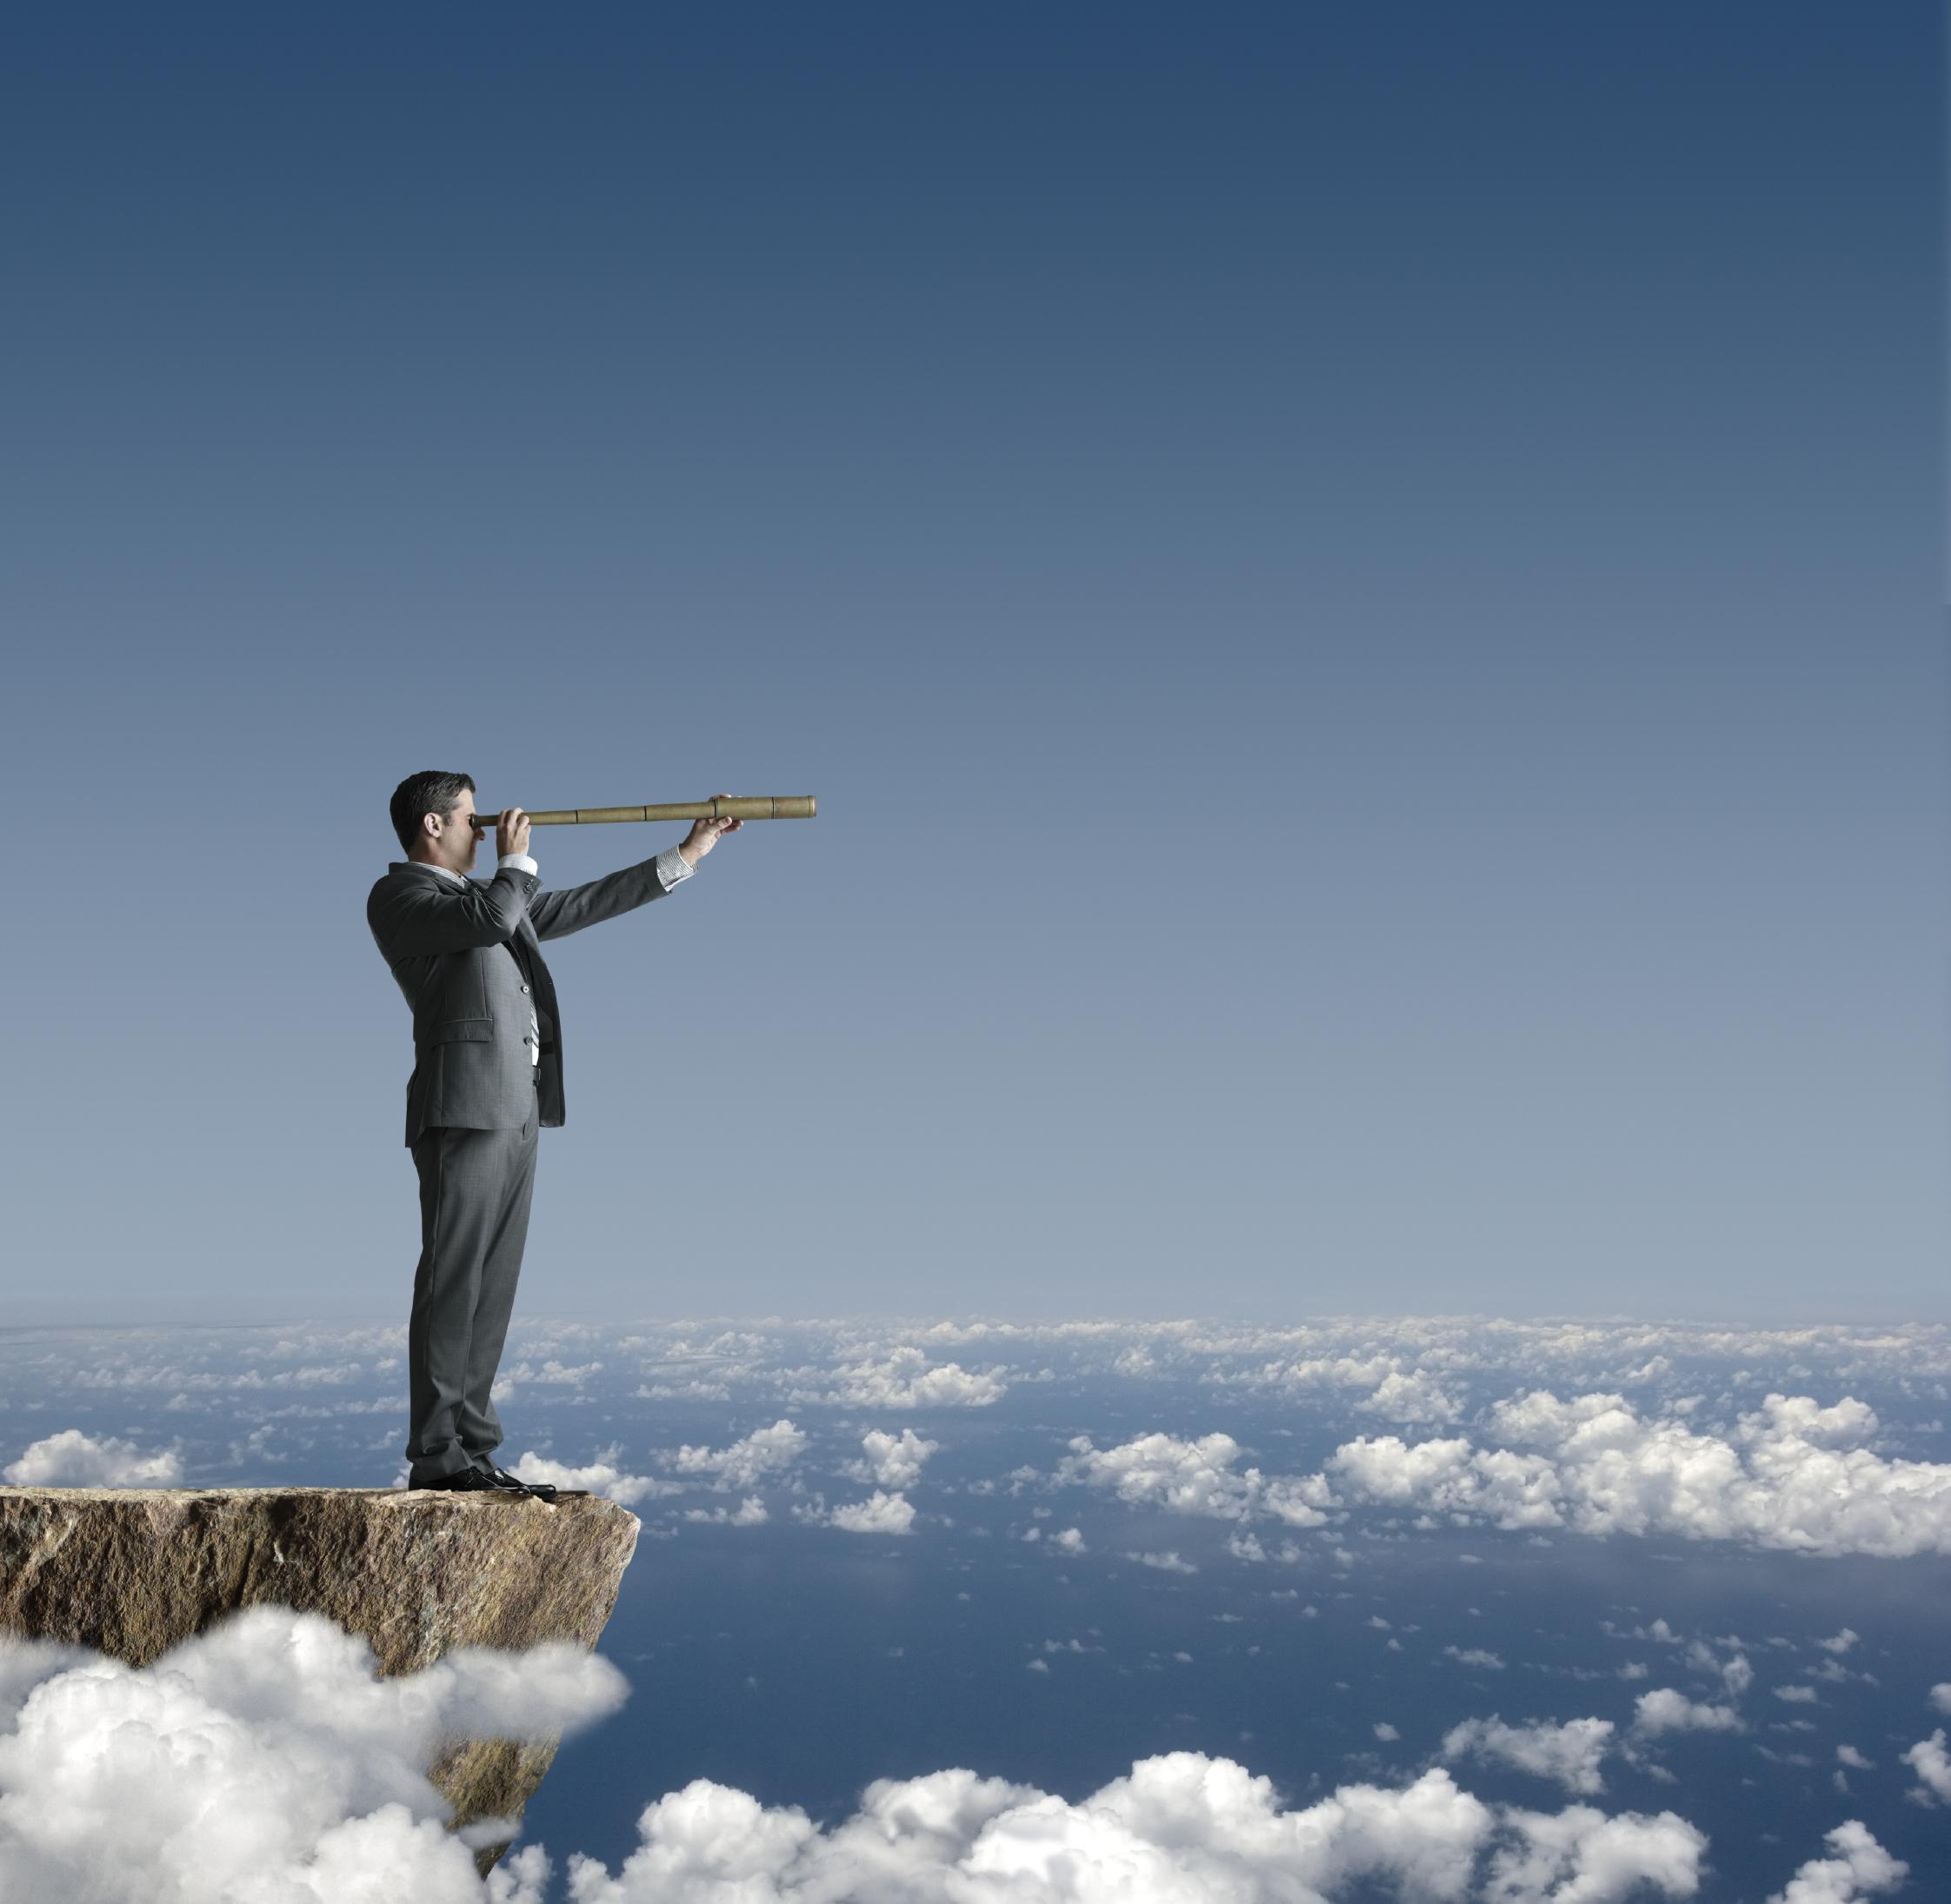 Önemli bir şey, hedefin belirli ve ölçülebilir olması gerektiğidir.